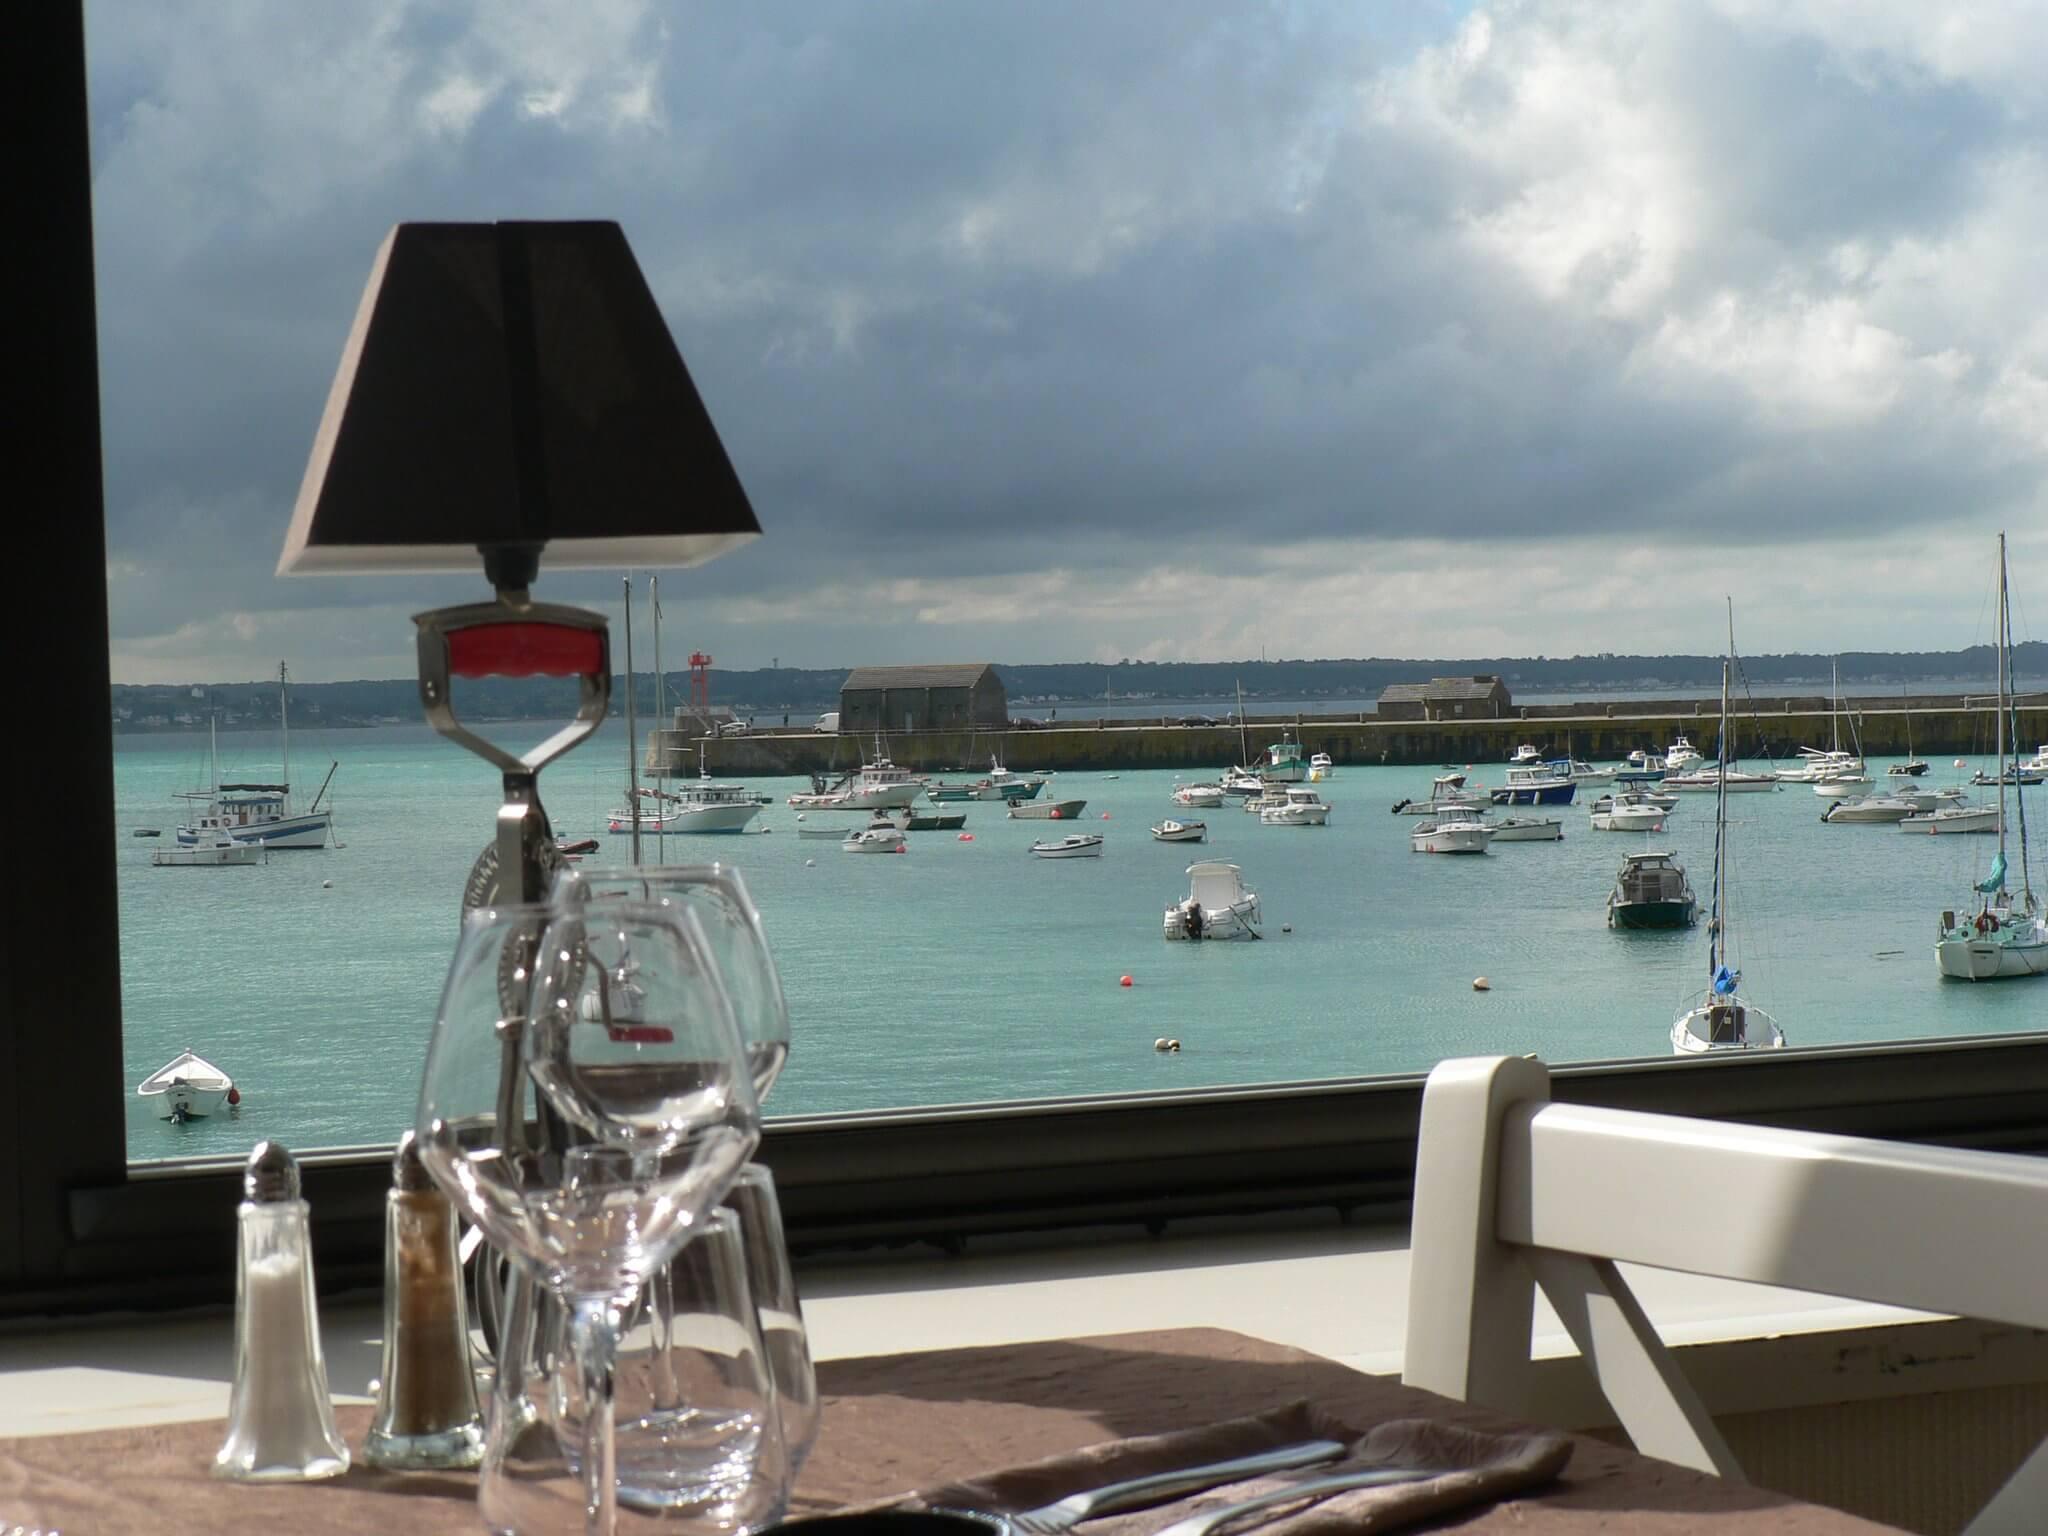 Le phare restaurant - ACTIVITÉS & RESTAURATION - Location de Gite La Clef Decamp - Laclefdecamp.fr